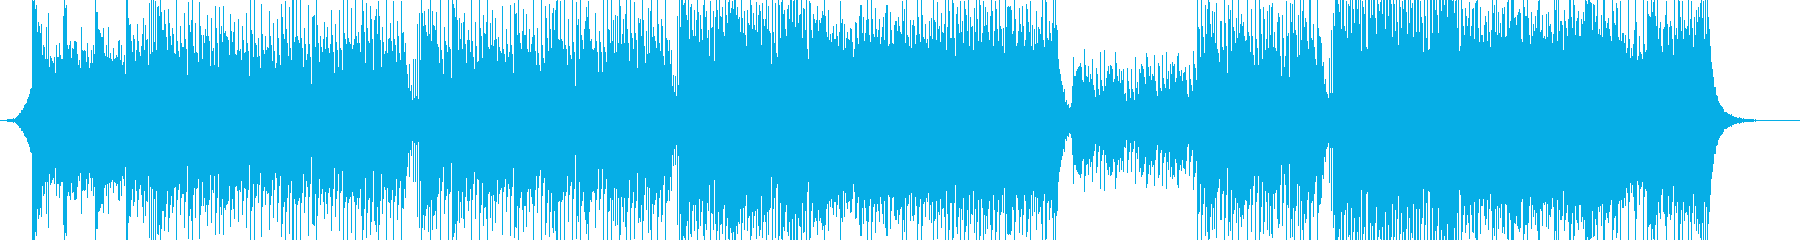 飛翔-爽やか-華やか-開幕-PV-動画の再生済みの波形